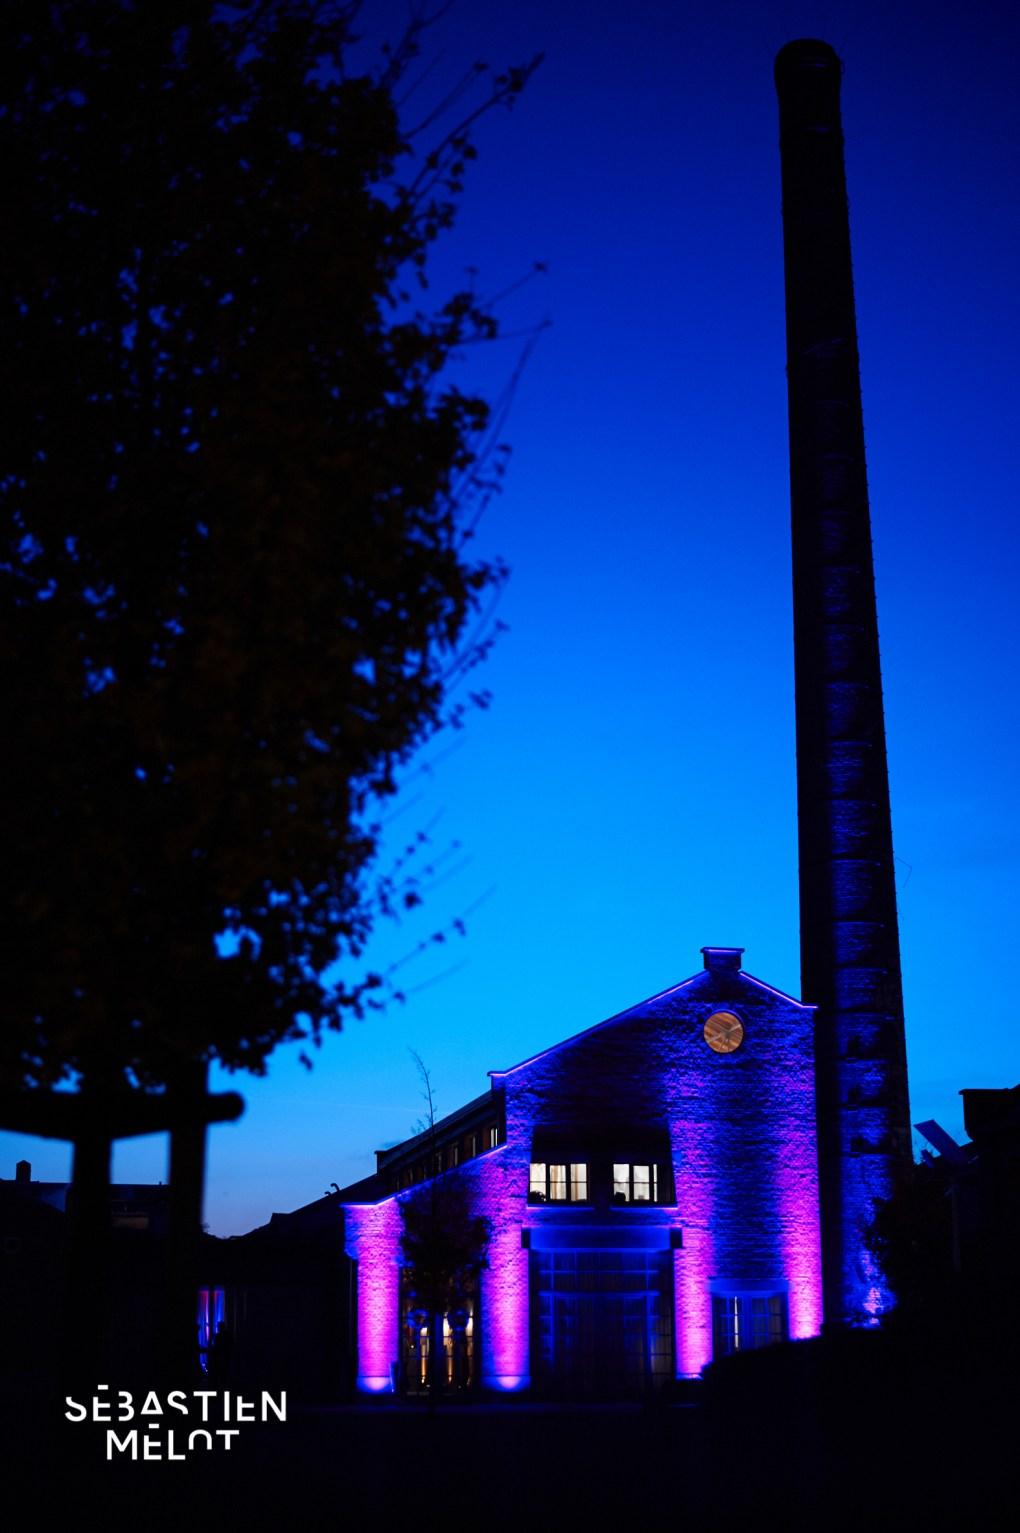 Le lieu: La Chaufferie à Etterbeek